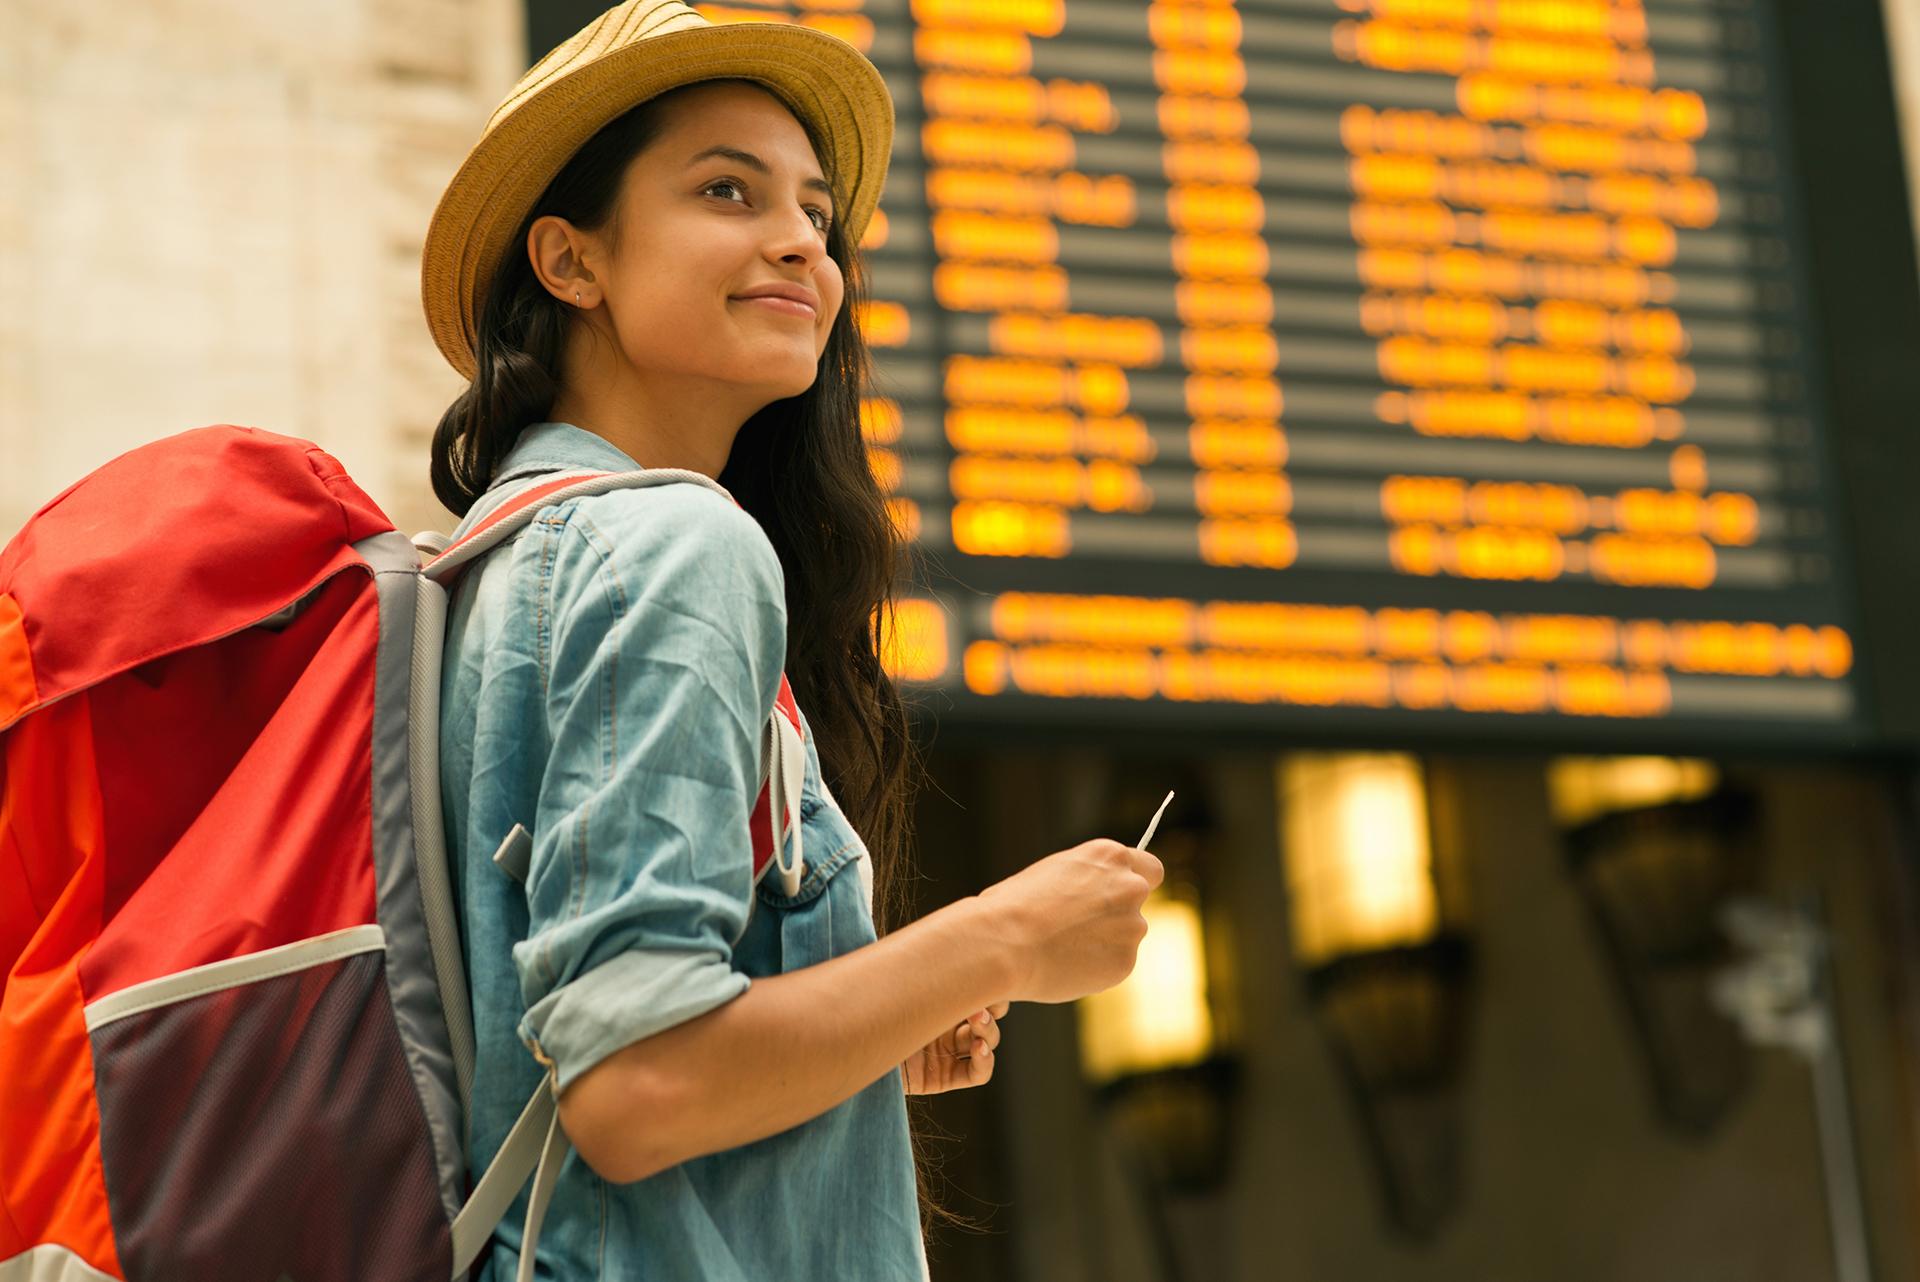 Amadeus desarrolla un sistema piloto para reducir la espera en aeropuertos